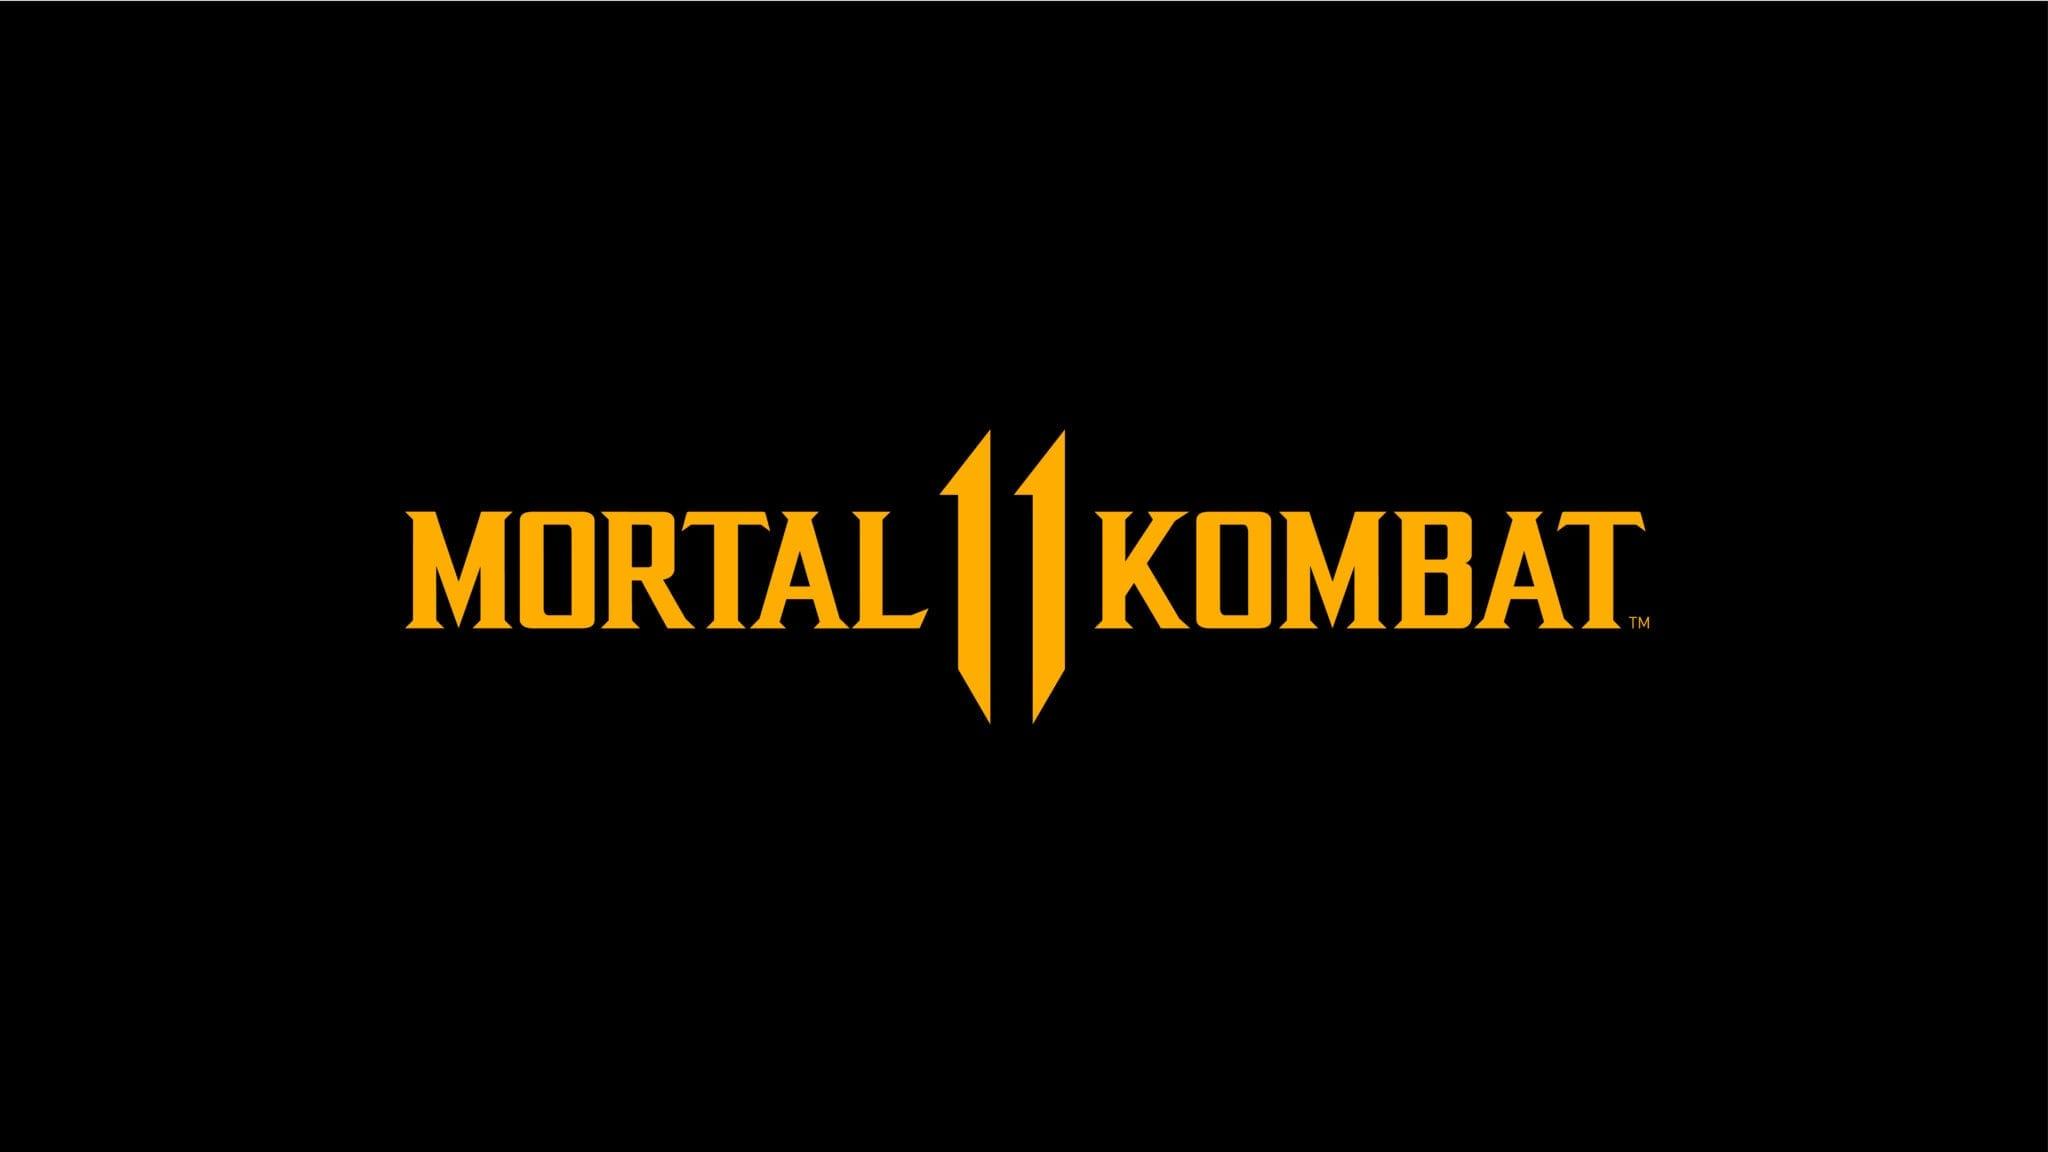 Gaming News – Mortal Kombat 11 Gameplay Revealed